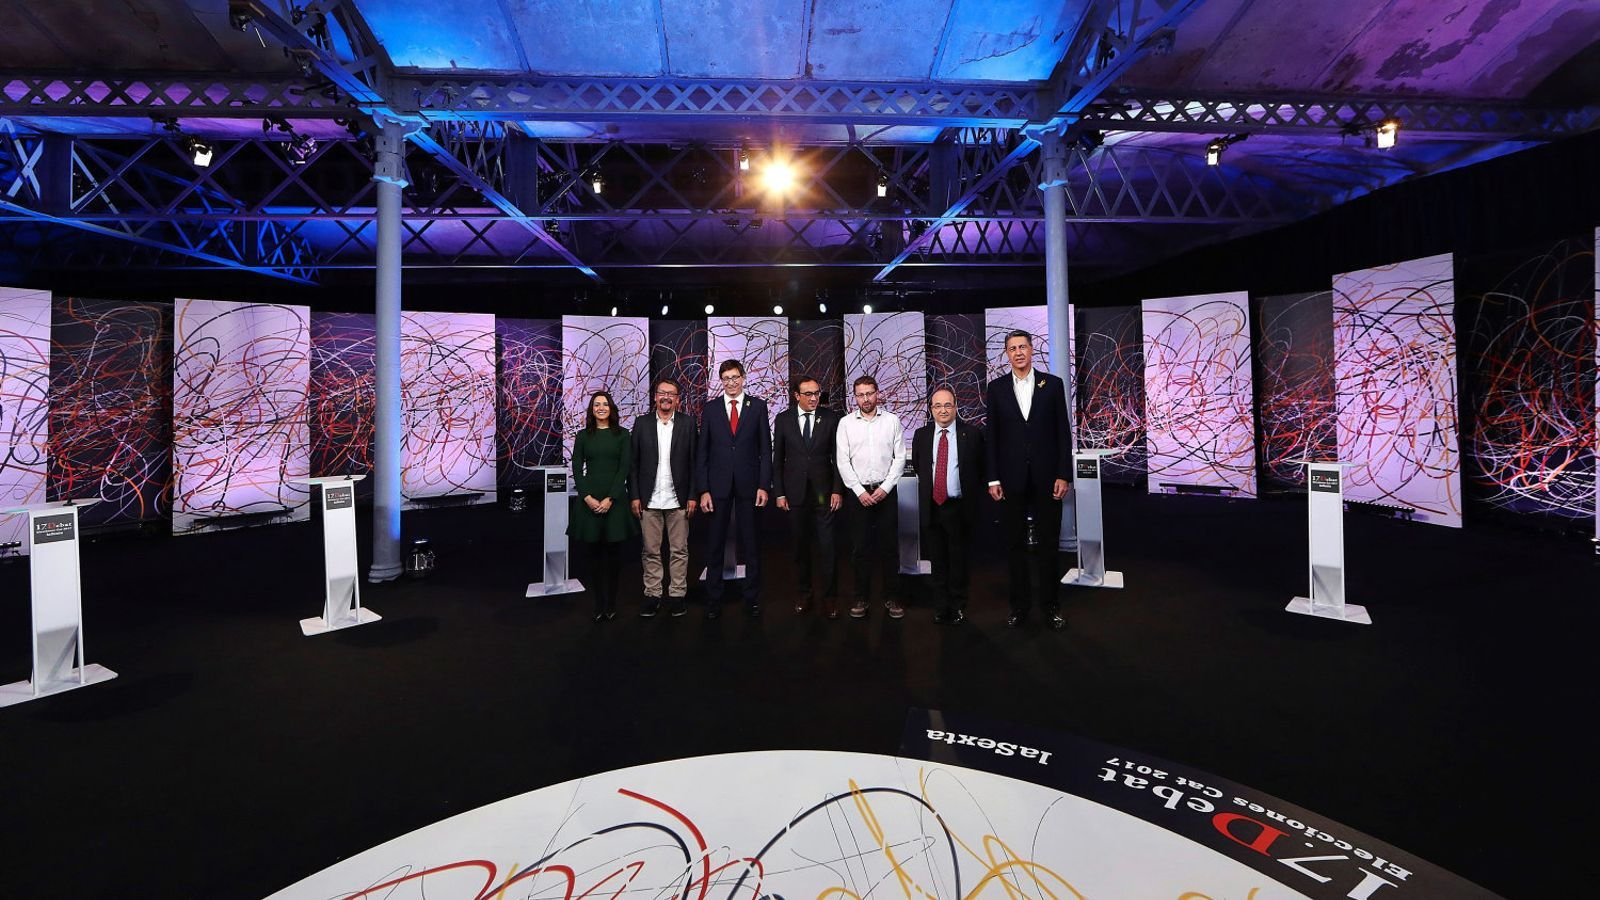 Foto dels set representants dels partits que van participar ahir en el debat de La Sexta.